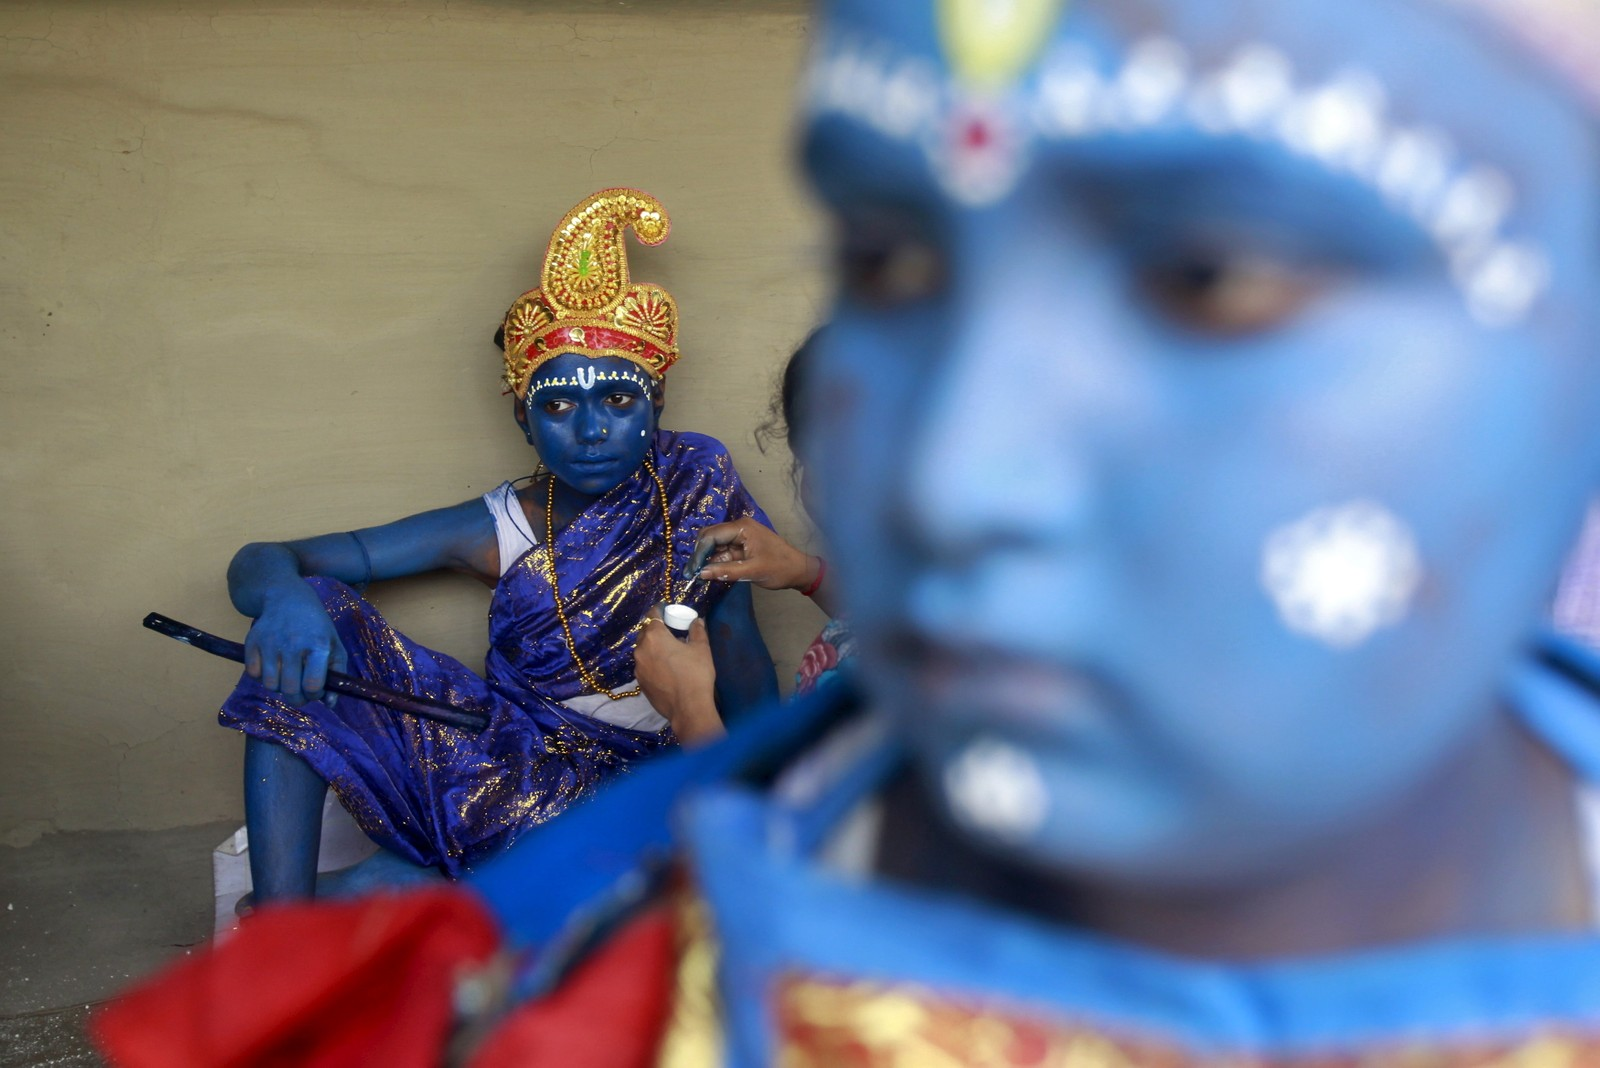 GUDDOMMELIGE: Unge jenter under festivalen for hinduguden Shiva i utkanten av Agartala i India.